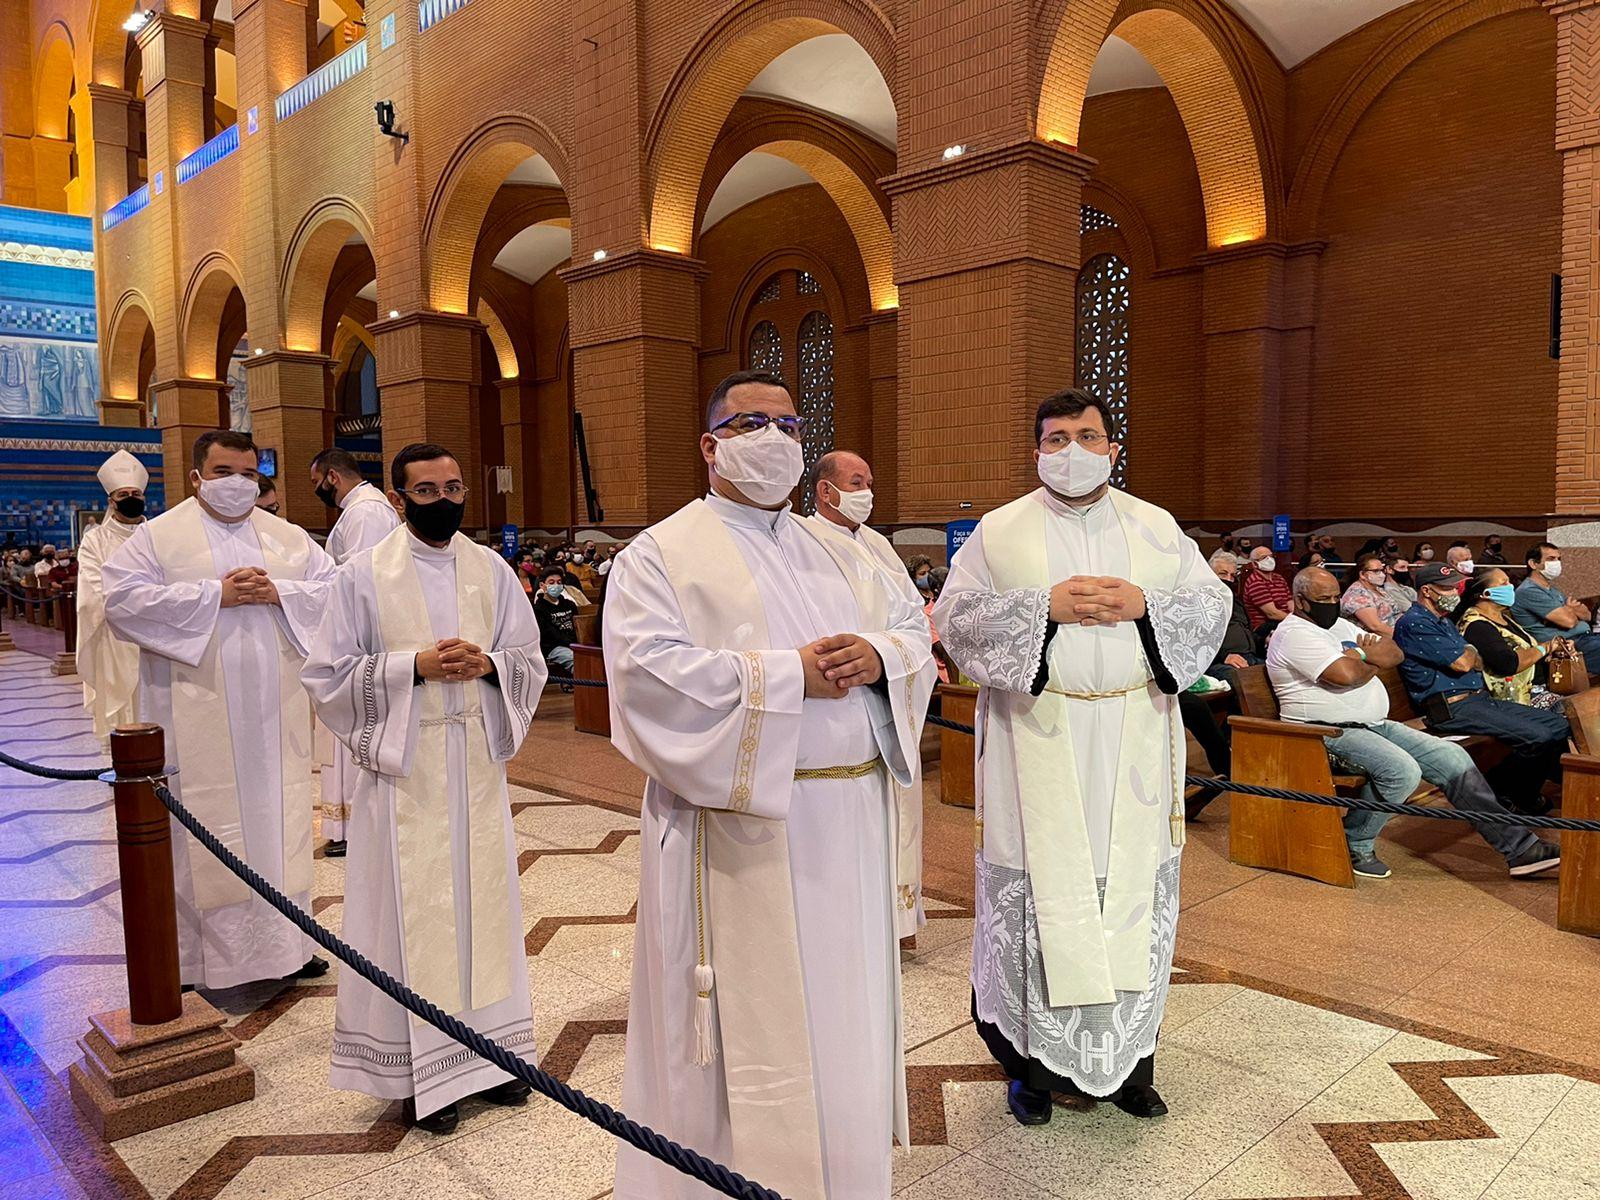 Crédito de imagem: Edson Gavioli - PASCOM da Paróquia Senhor Bom Jesus dos Aflitos de Itamarati de Minas